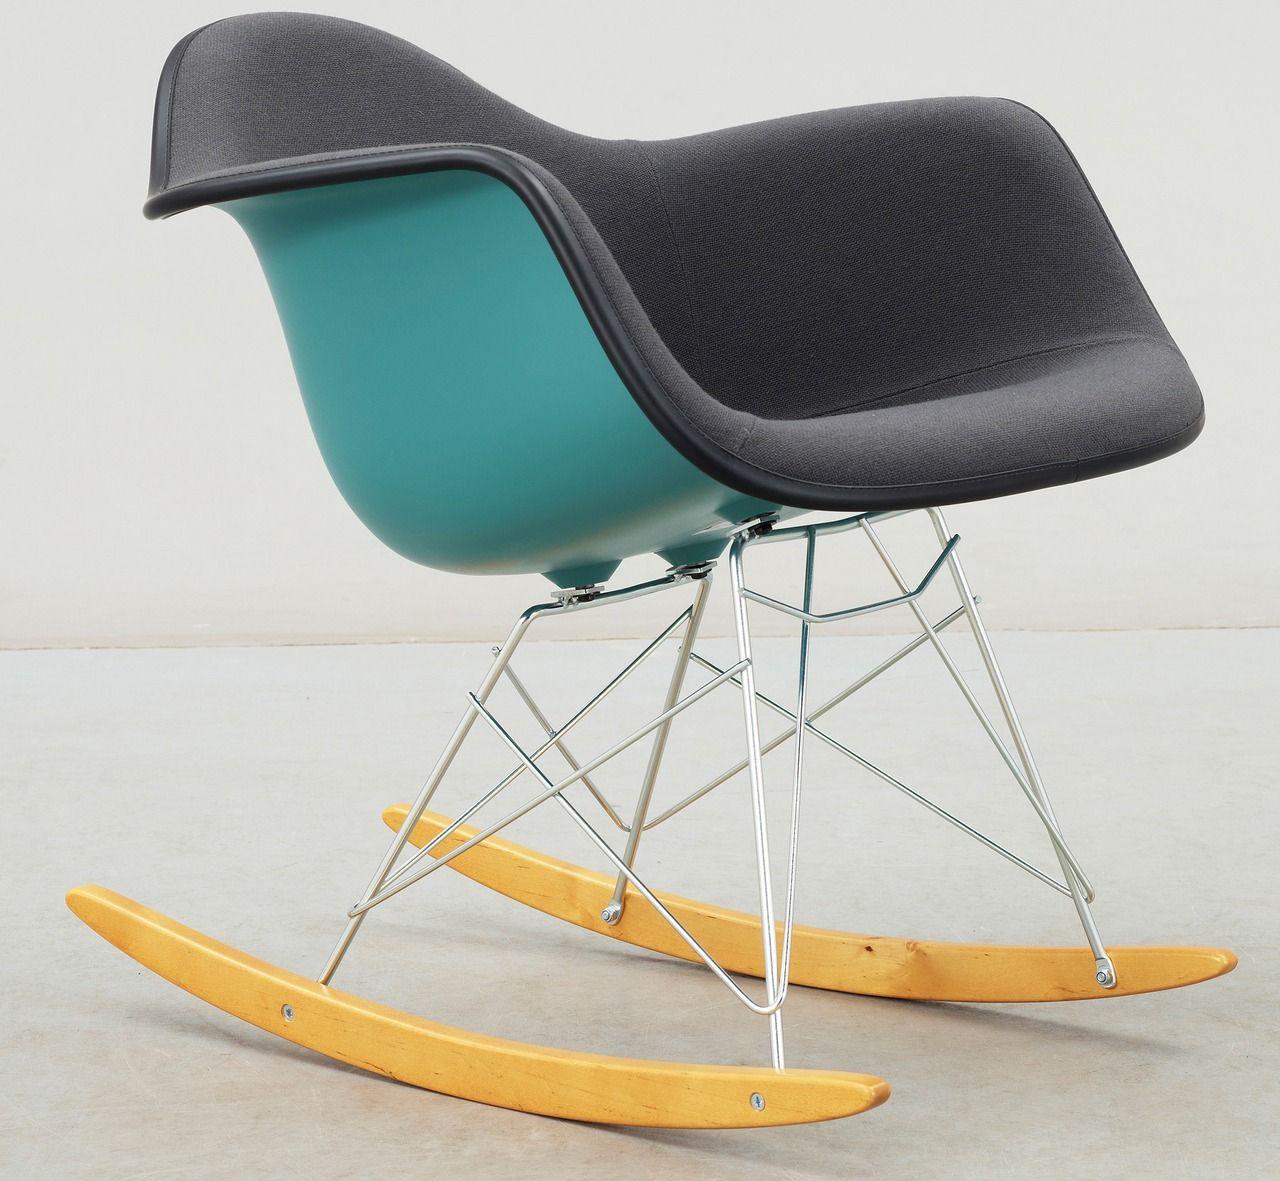 Eames rar chair vitra eames rocking chair furniture